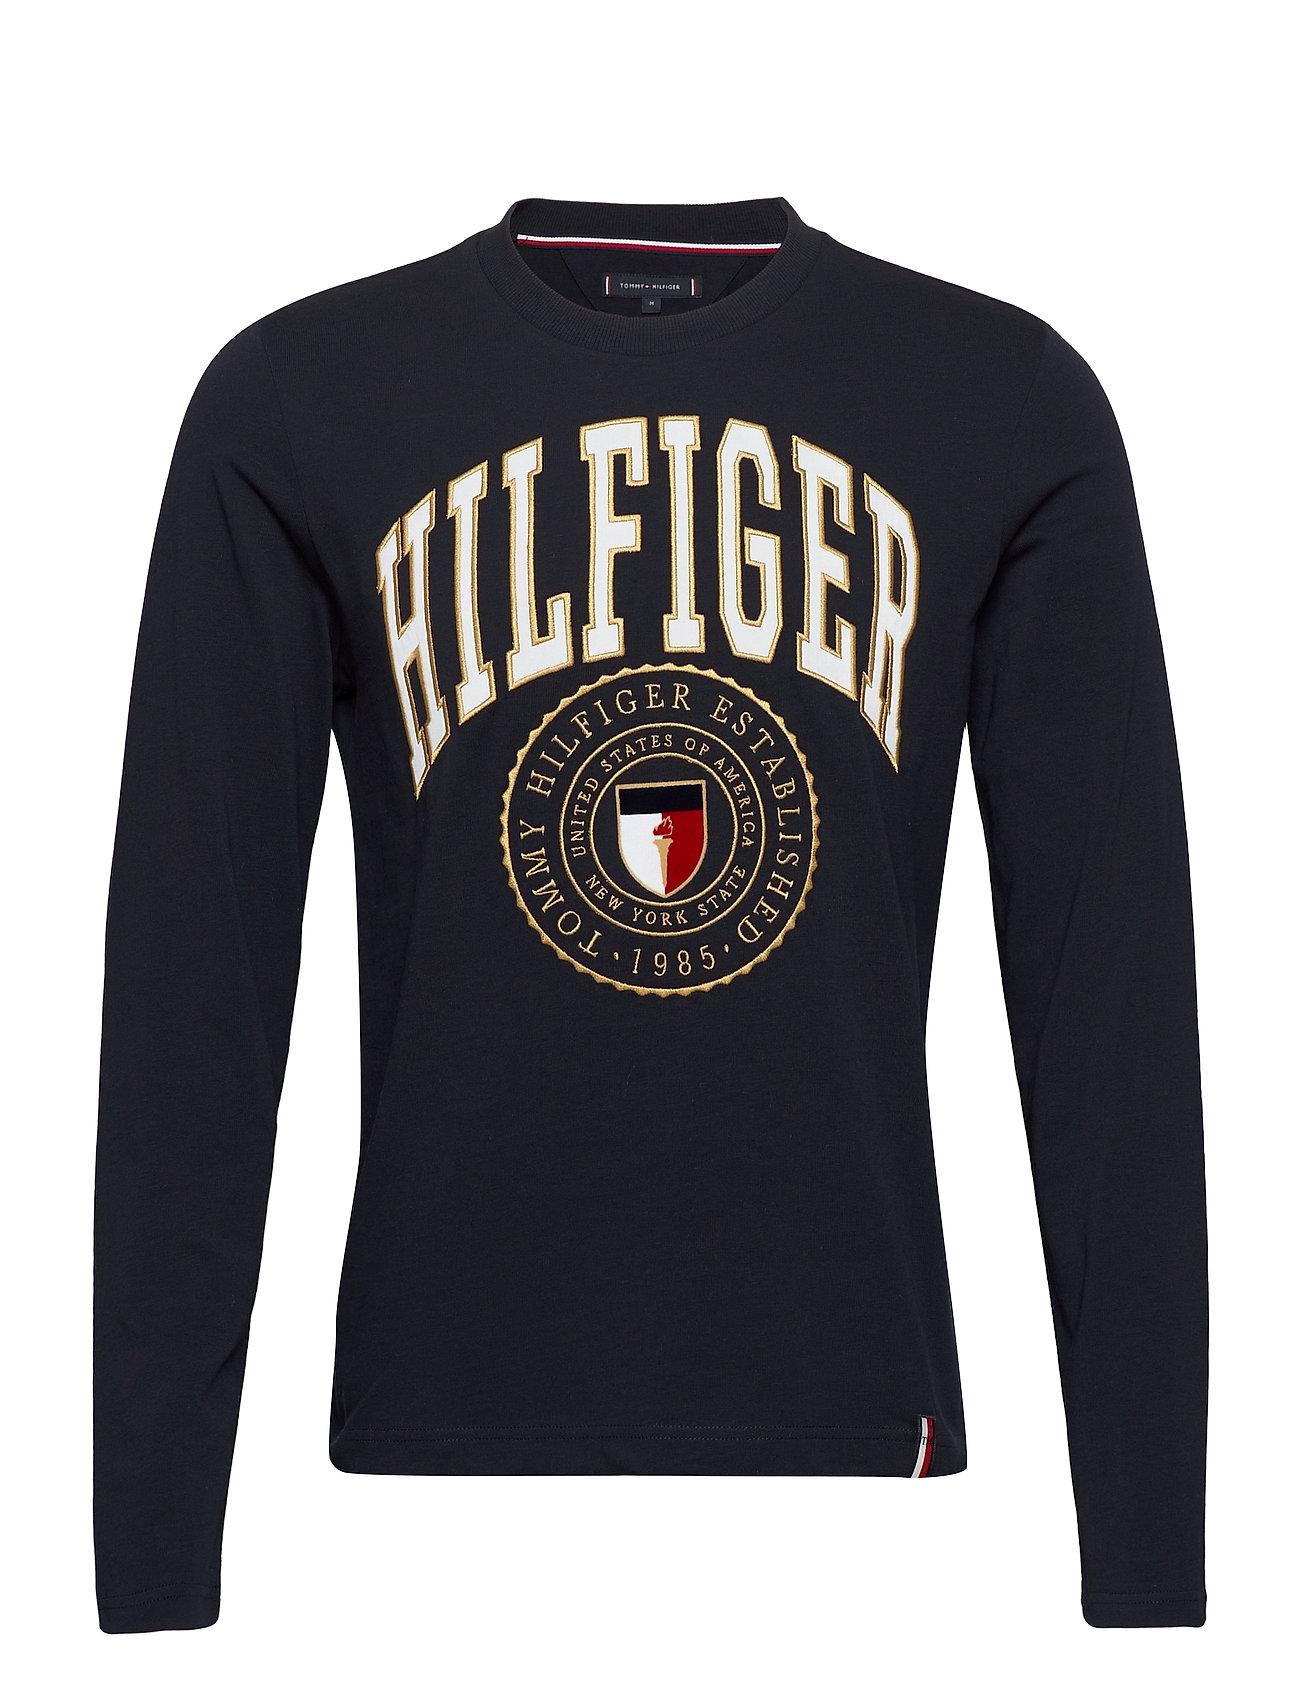 Image of Hilfiger Varisty Long Sleeve Tee T-Langærmet Skjorte Blå Tommy Hilfiger (3448363167)